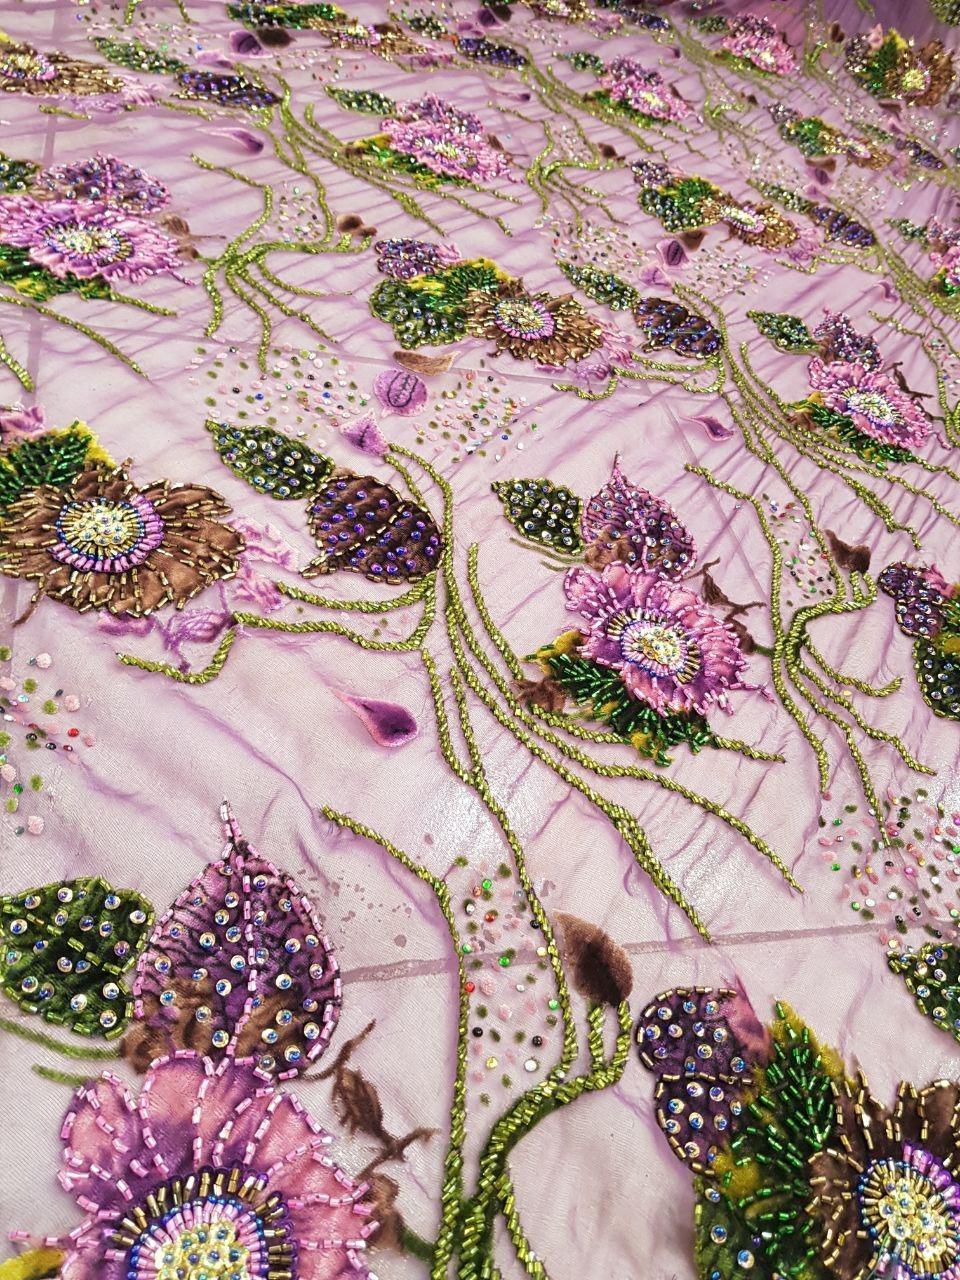 پارچه لباس کردی زنانه حریر گل مخملی با ملیله دوزی و نگین کاری